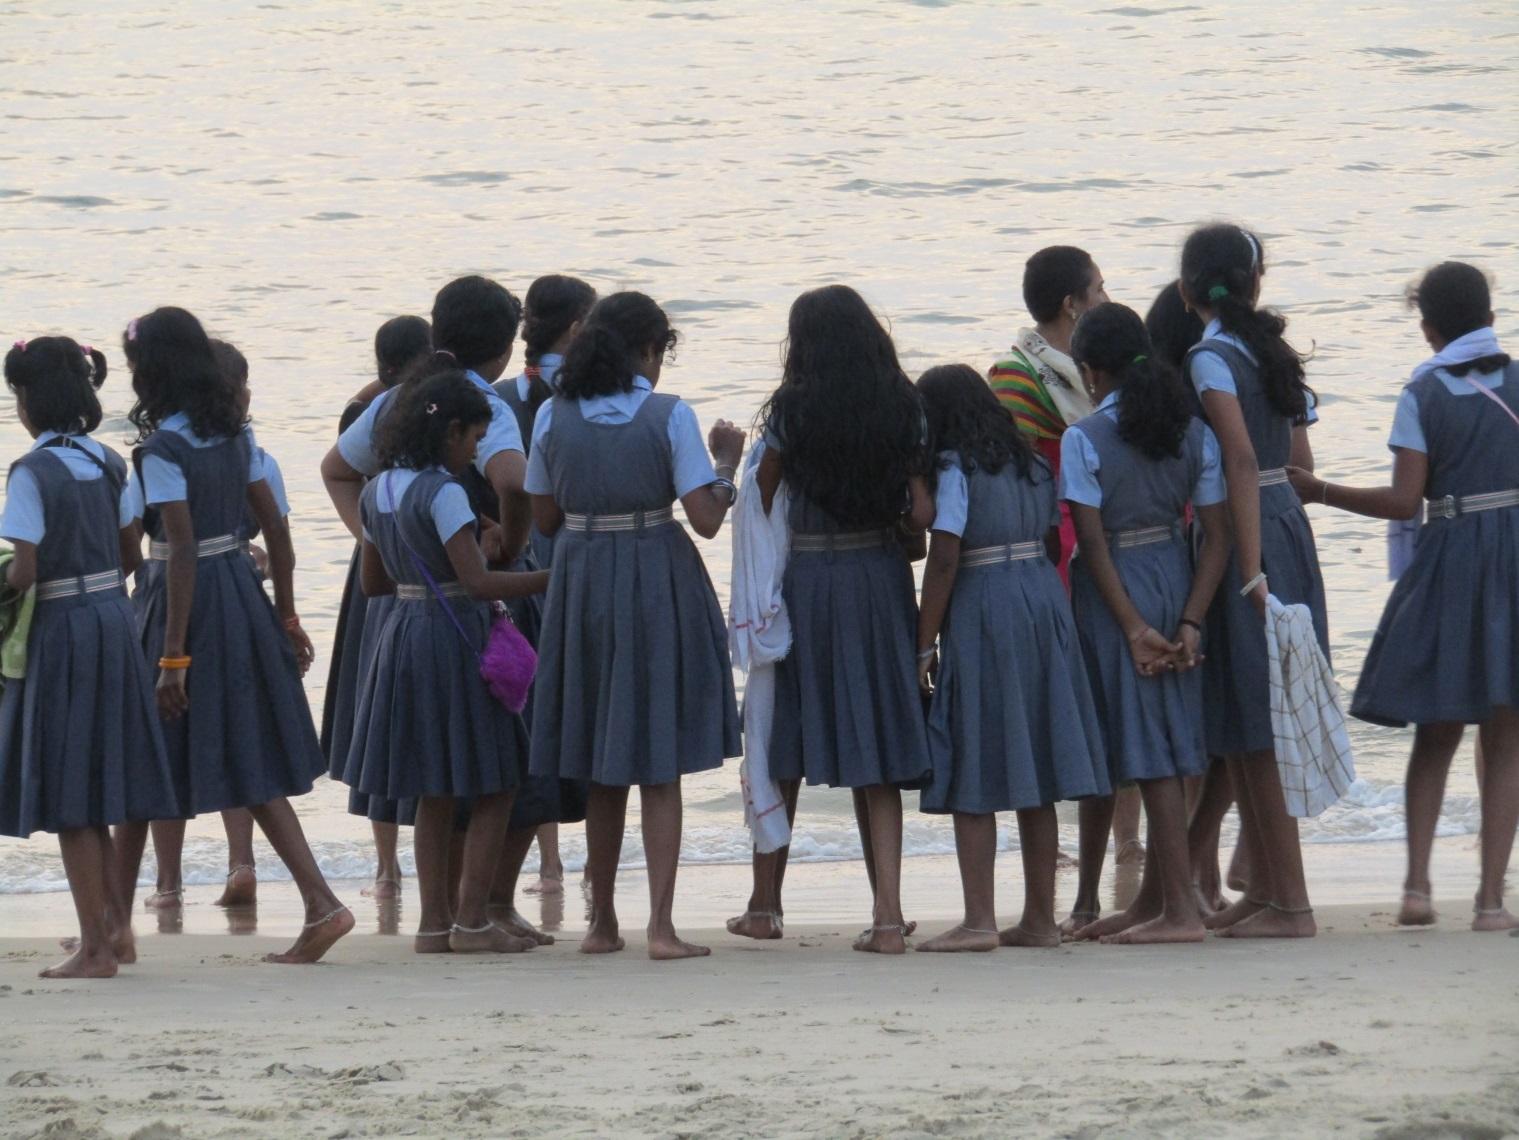 écolières inde road trip marari beach